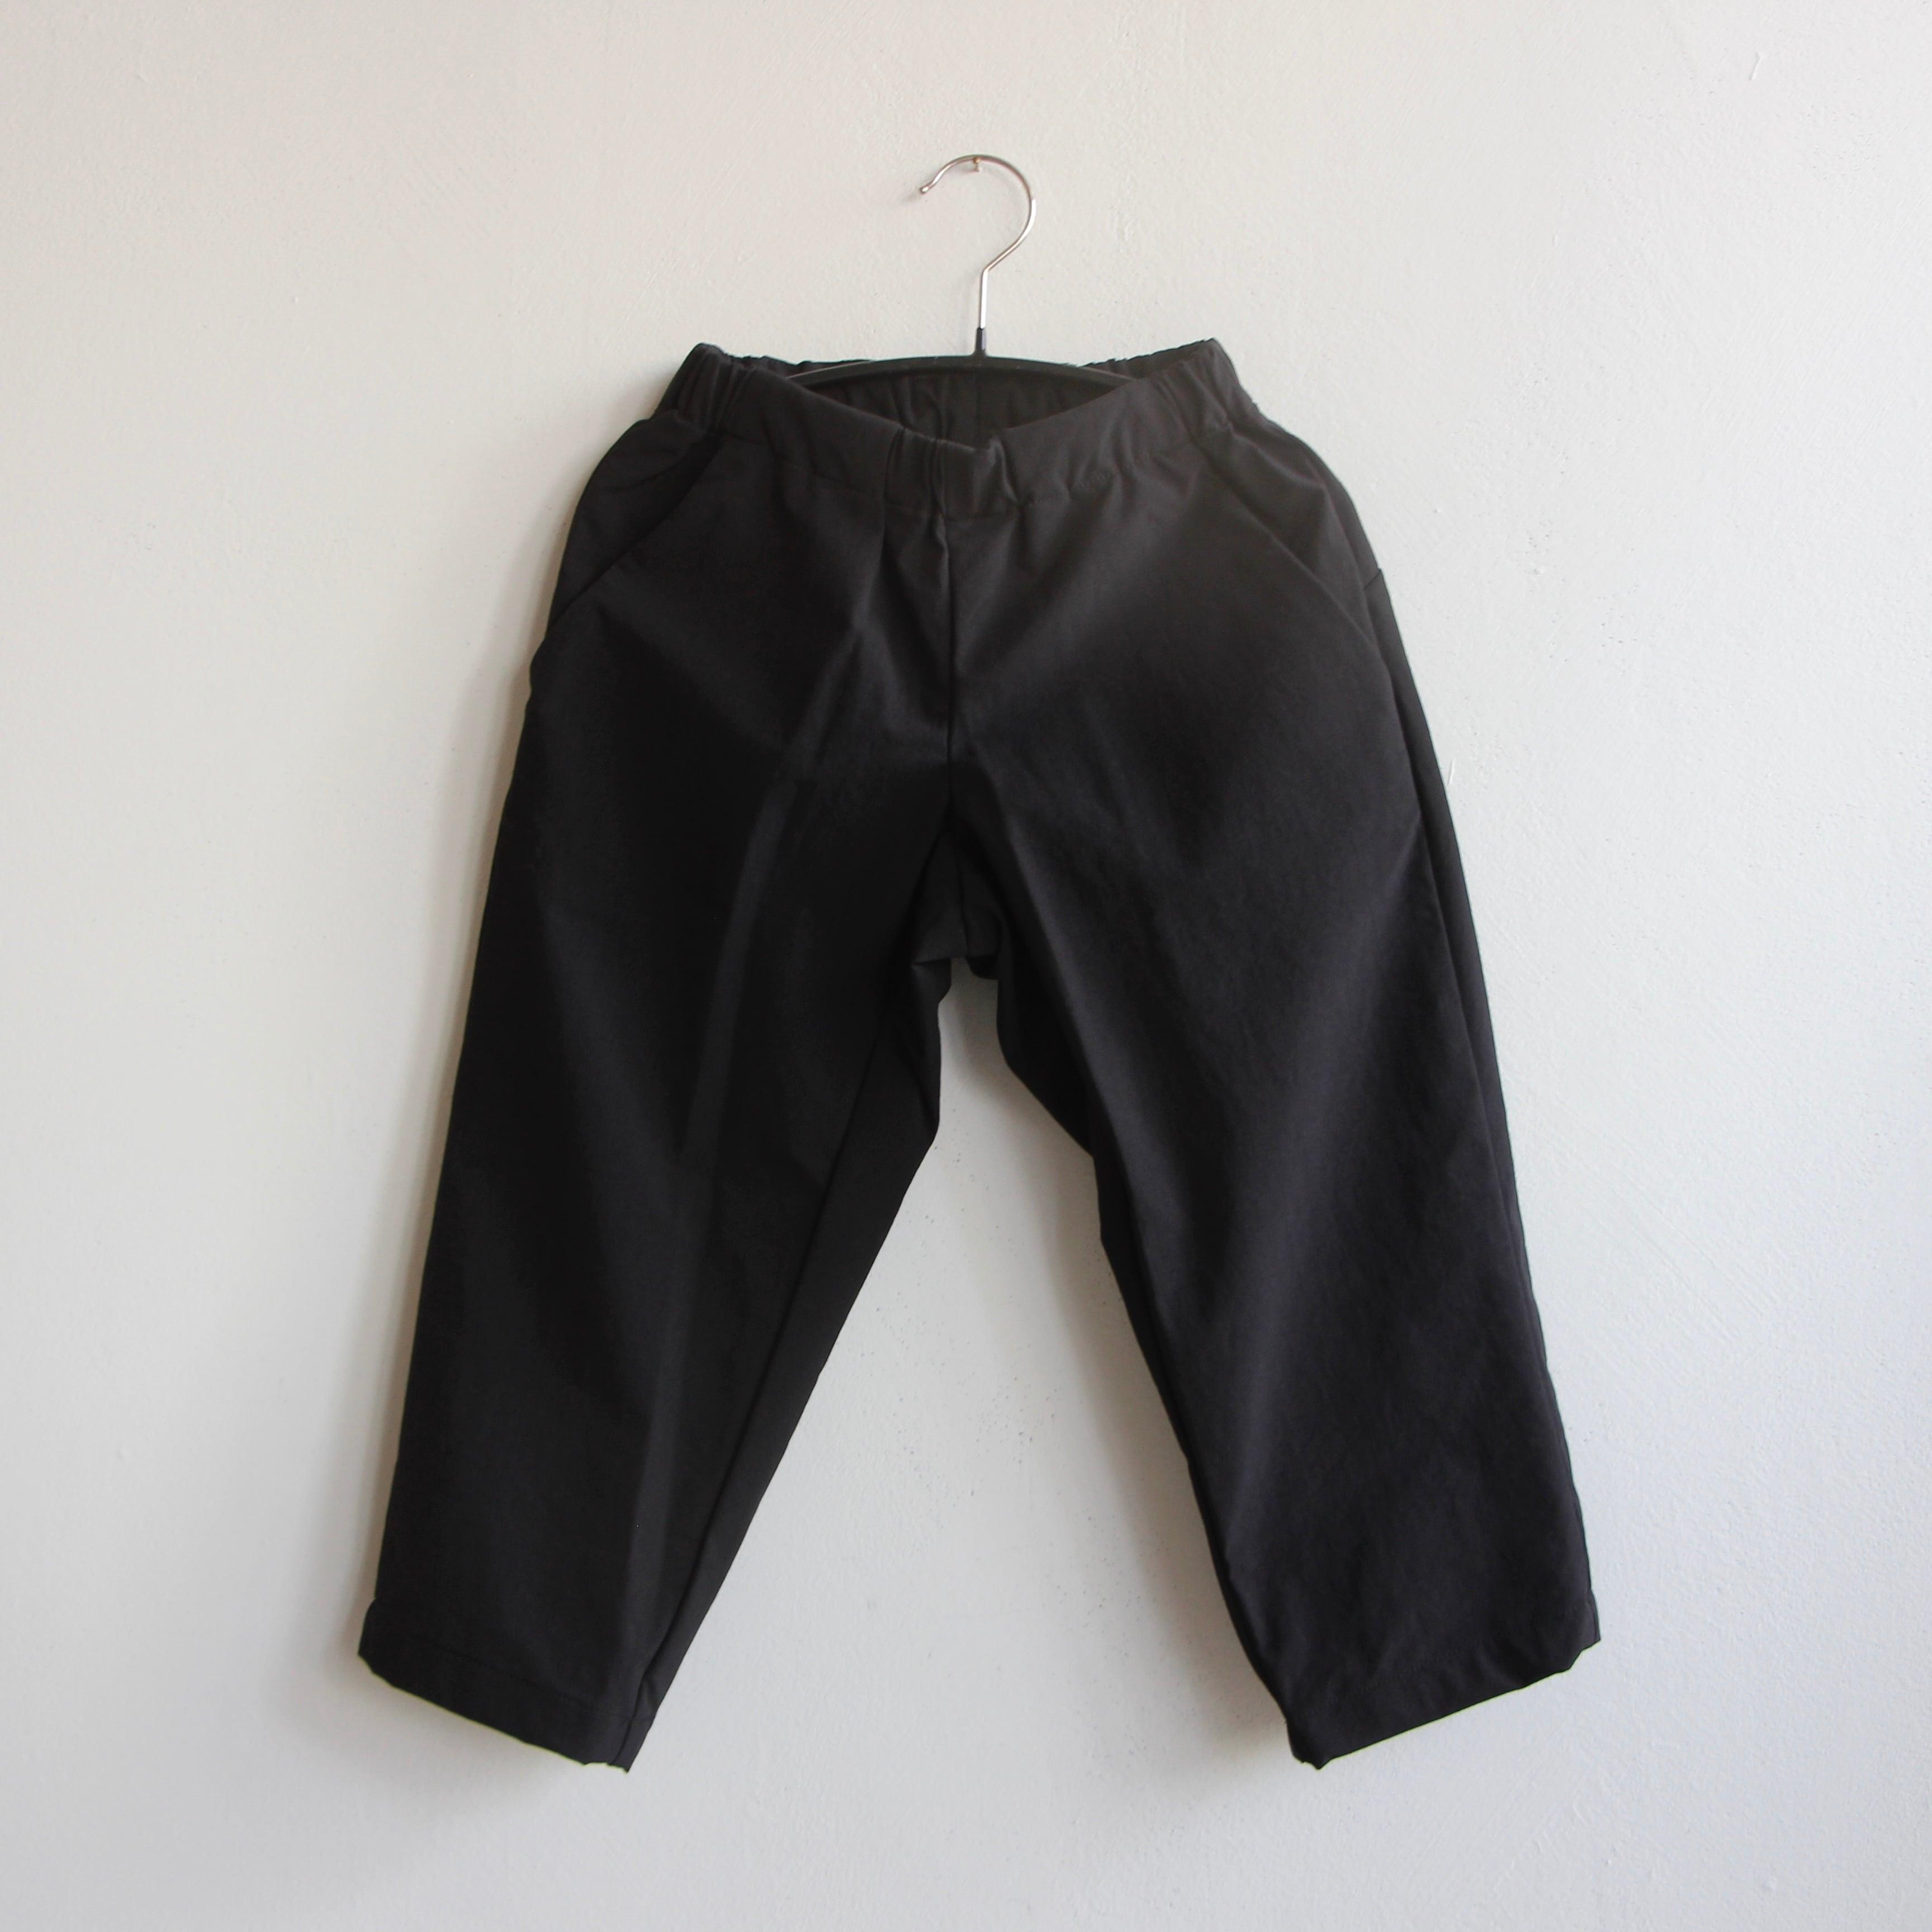 《MOUNTEN. 2021AW》double cloth stretch pants / black / size0(145-155cm程度)